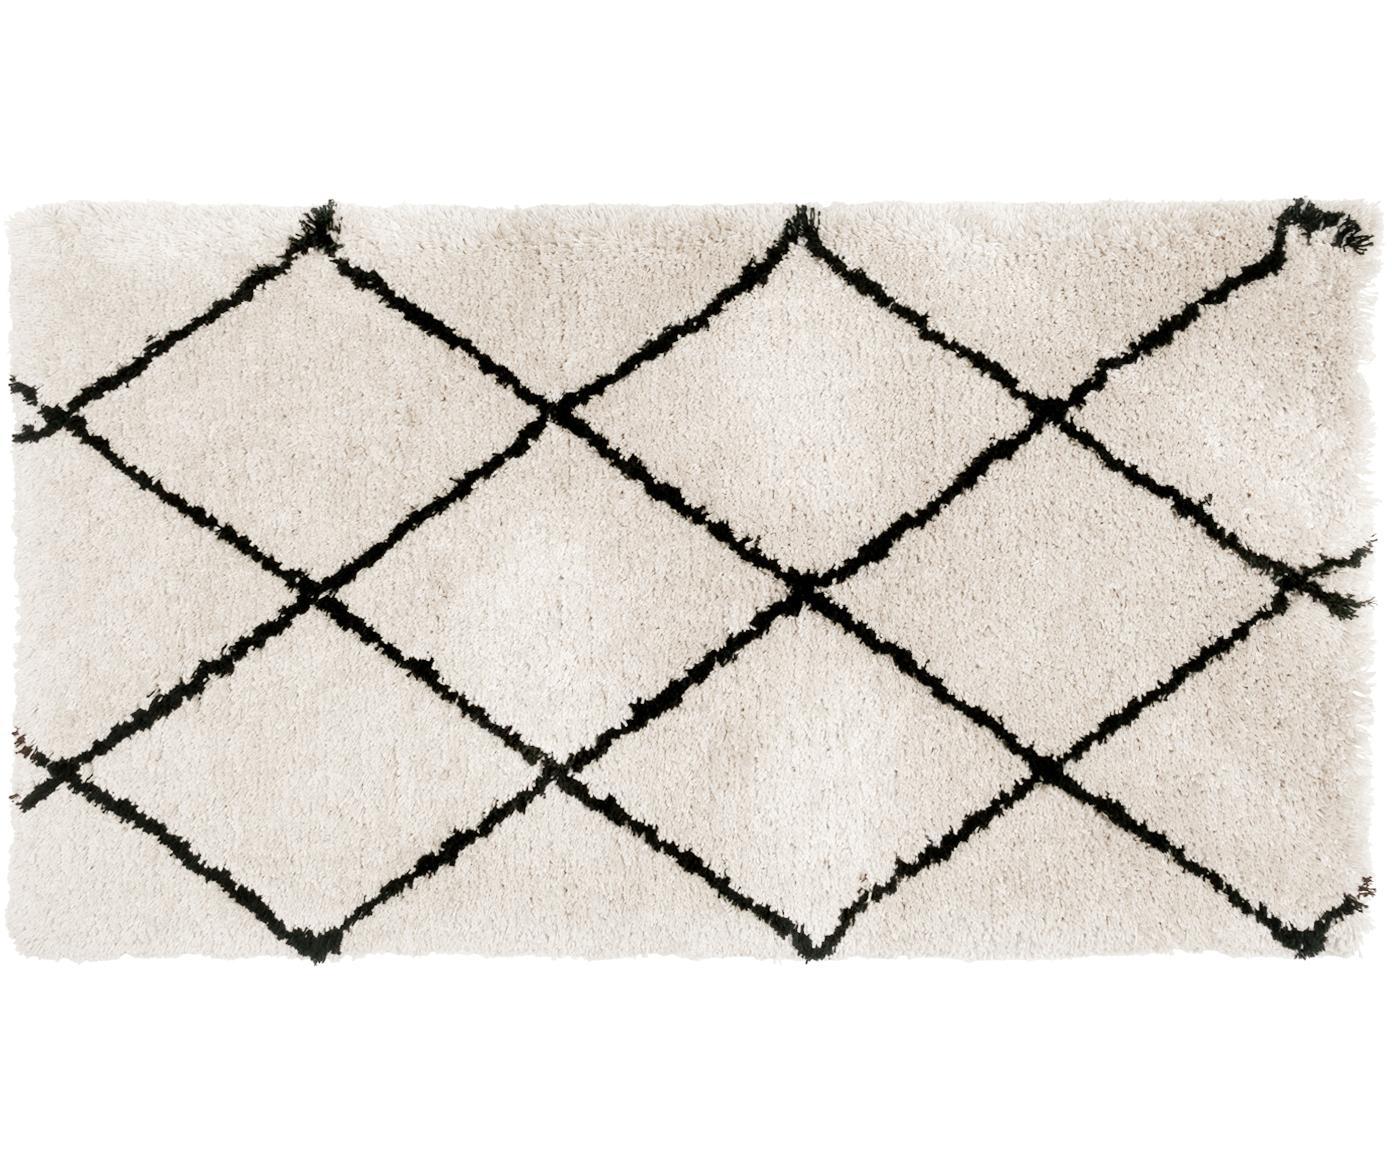 Flauschiger Hochflor-Teppich Naima, handgetuftet, Flor: 100% Polyester, Beige, Schwarz, B 80 x L 150 cm (Größe XS)